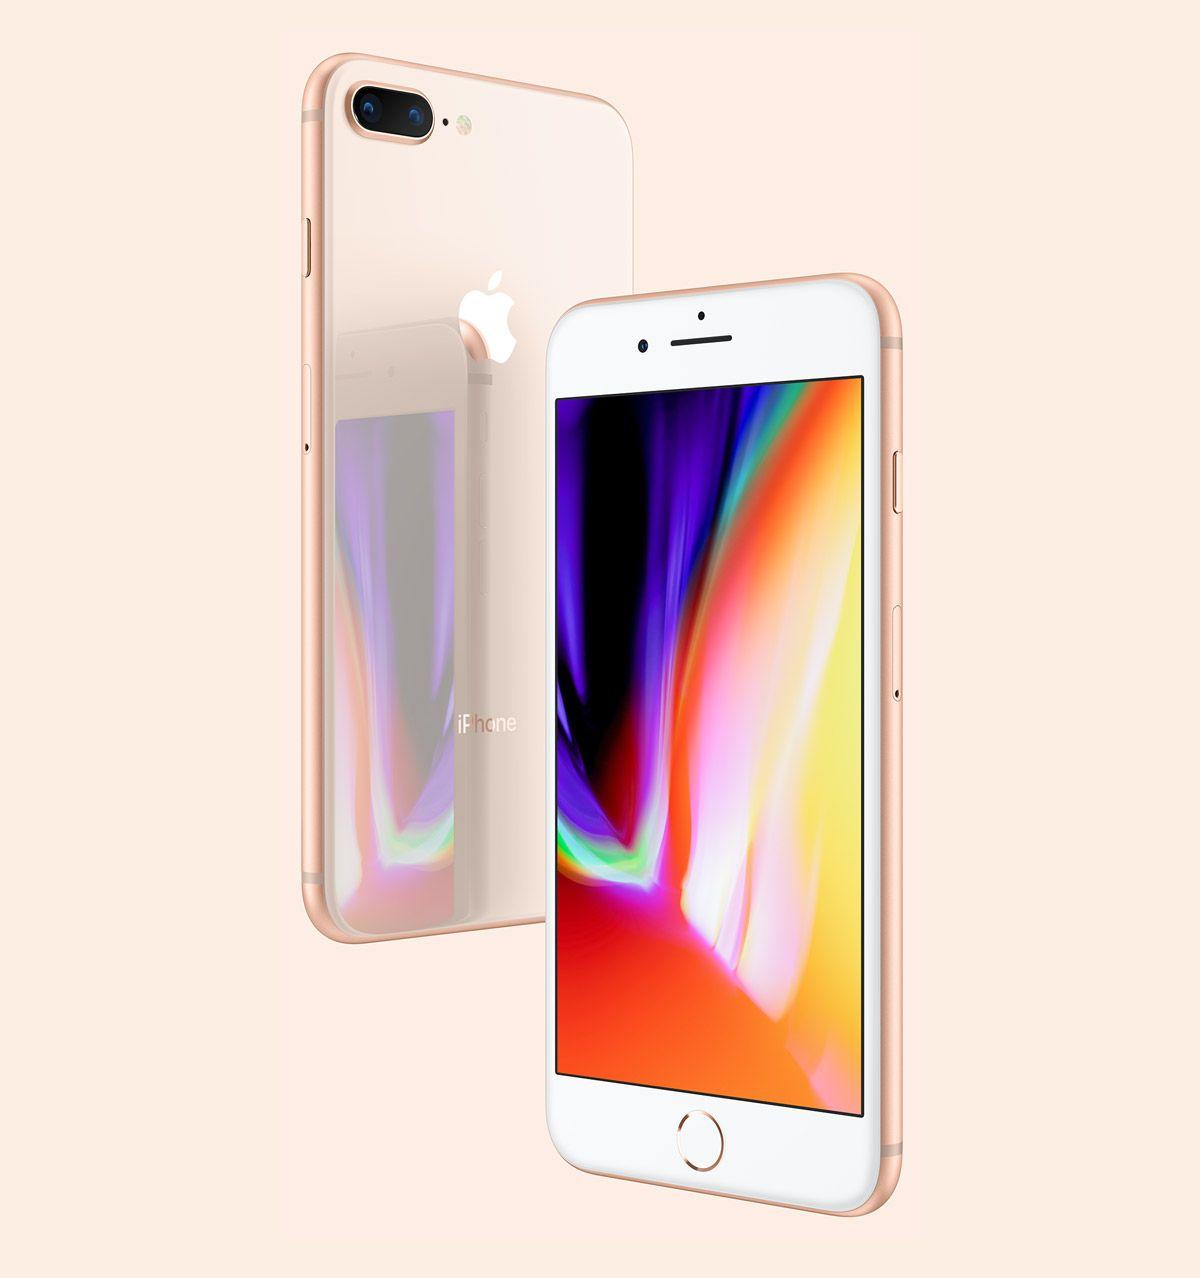 Funda Silicone Case para el iPhone X - iShop